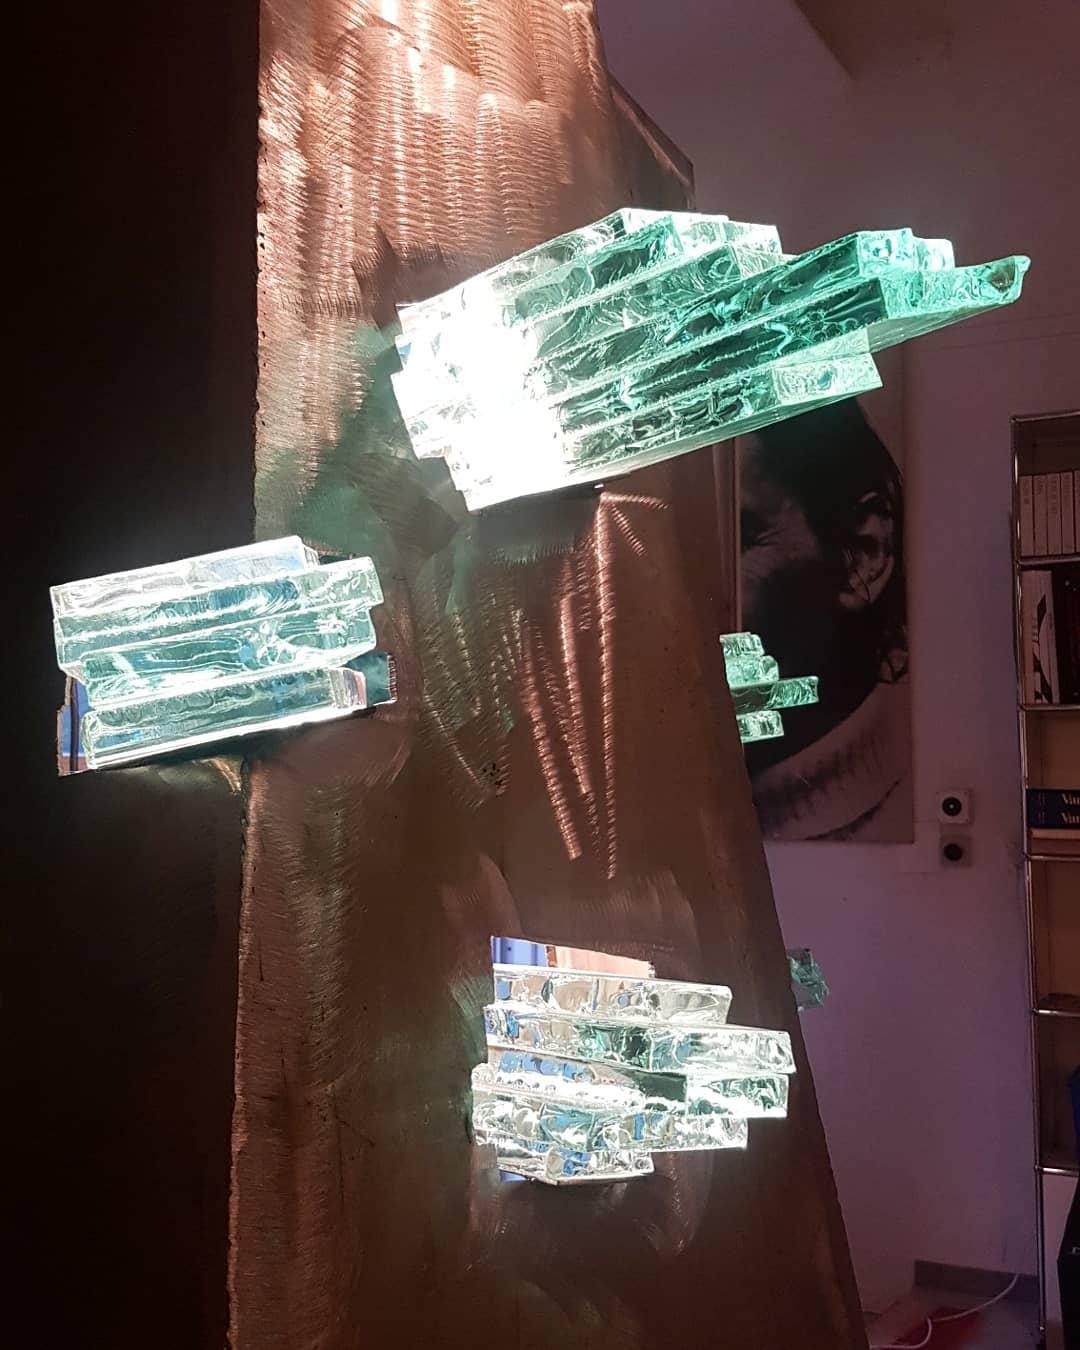 Sculpture métal et verre acier et verre paul estier artiste 2018 lausanne genève neuchatel yverdon (28)